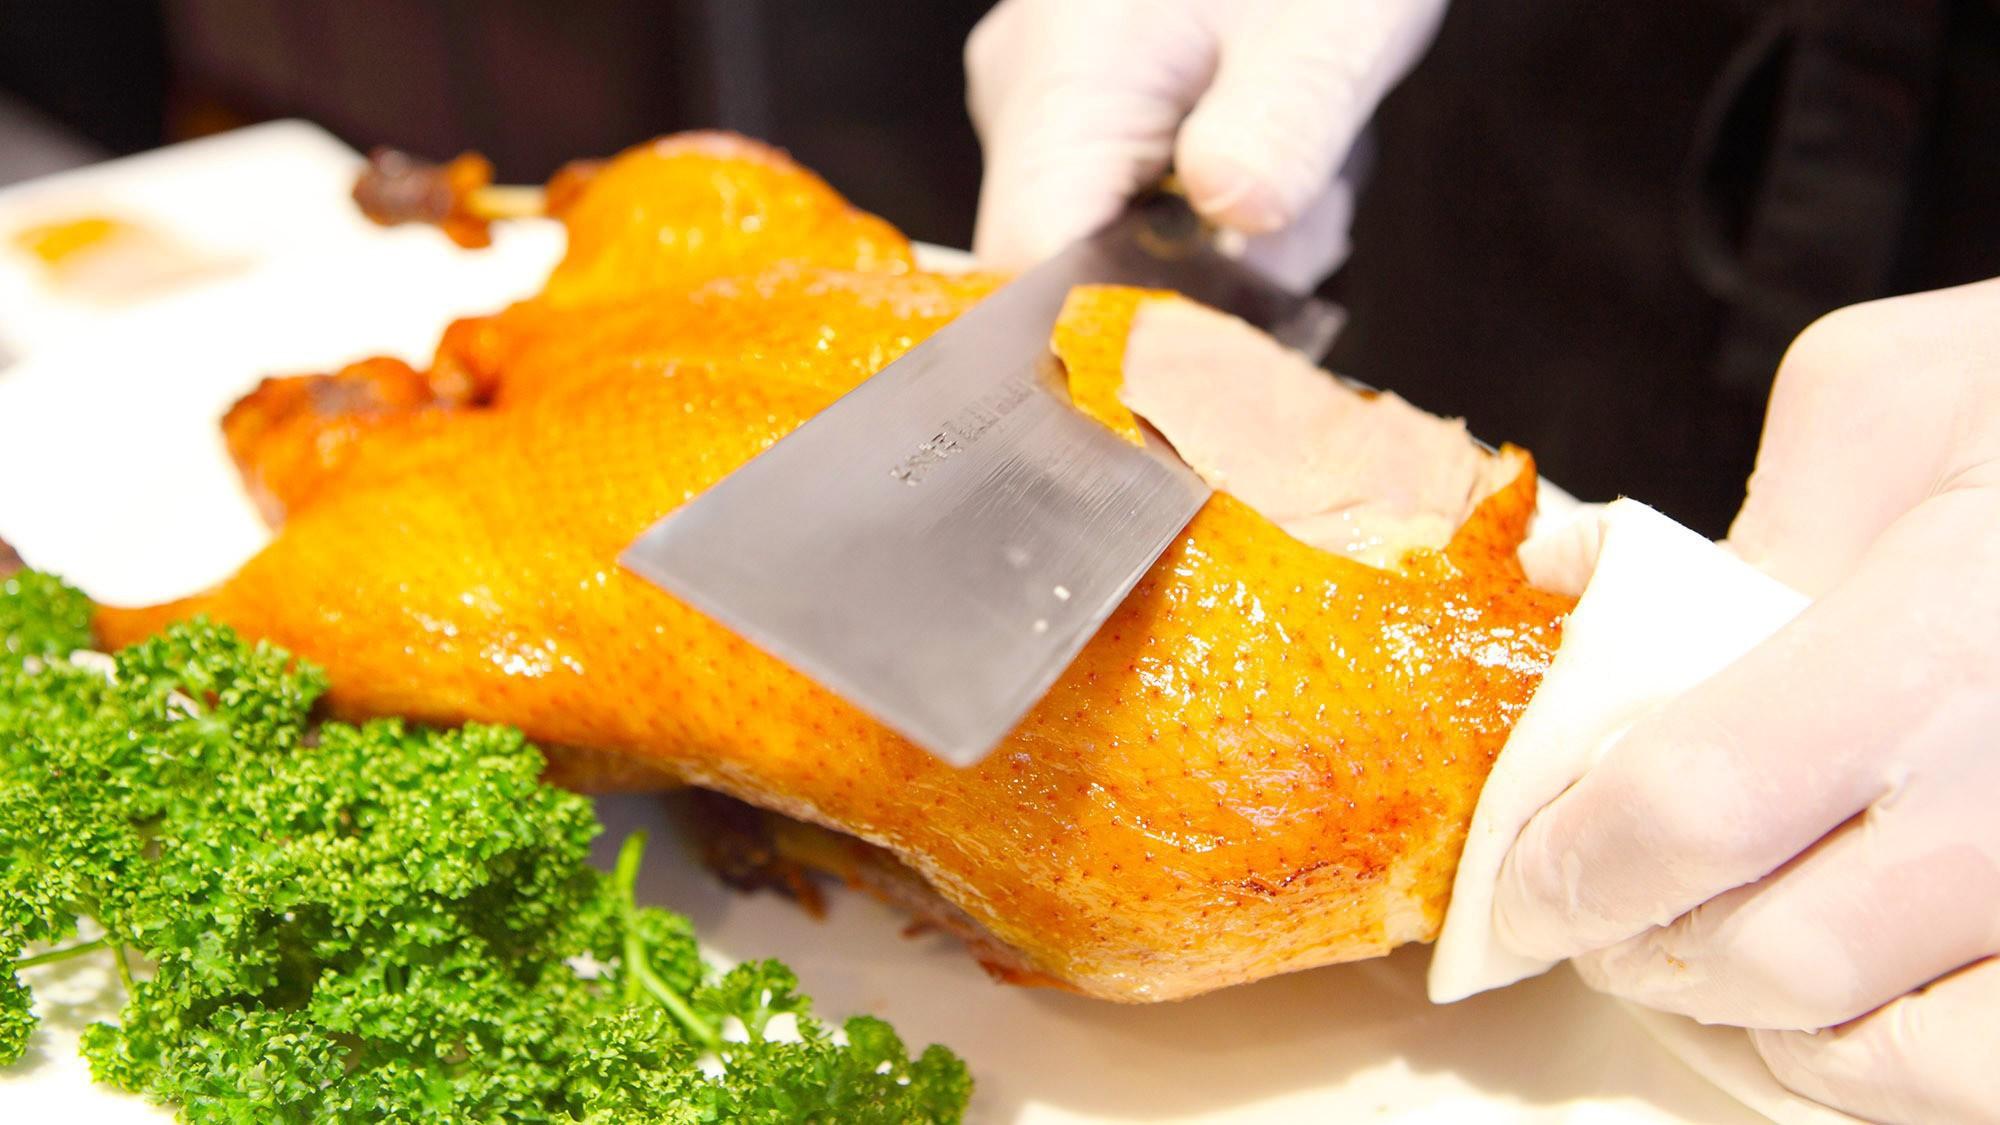 ◇オリエンタルガーデン館レストラン<万里>出来立ての北京ダック【ライブクッキング】